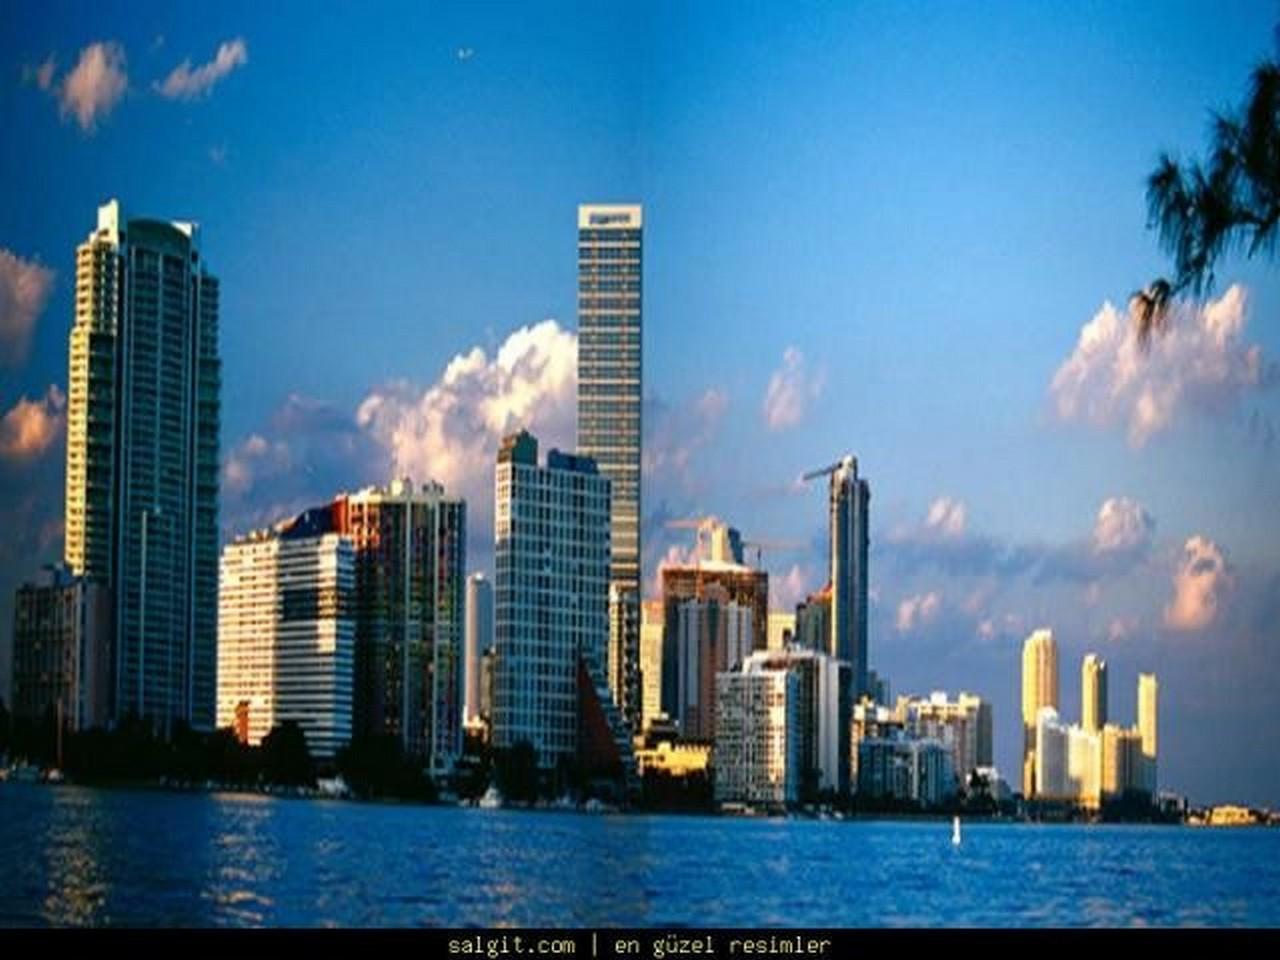 Miami wallpaper 1280 x 960 picture Miami wallpaper 1280 x 960 photo 1280x960